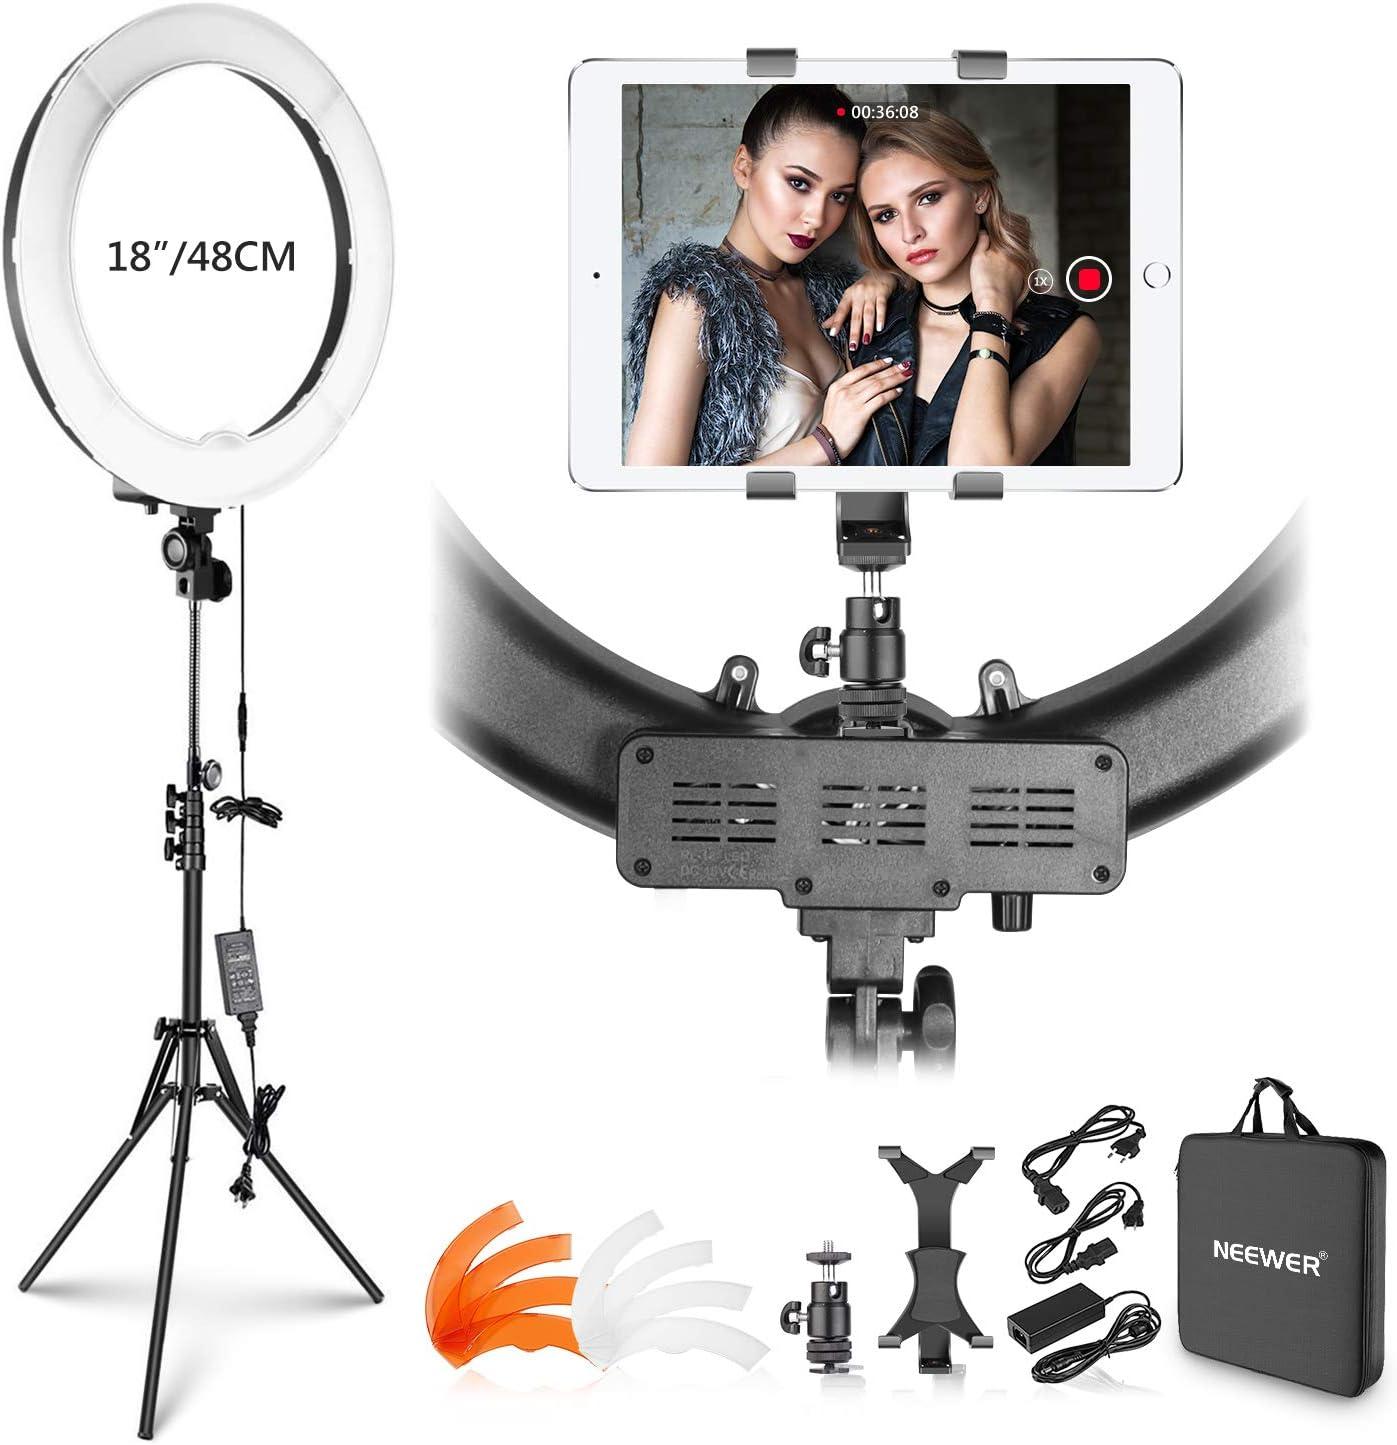 Neewer Kit Luz Anillo: 48cm 55W 5500K Luz Anillo LED Regulable con Soporte Luz iPad Abrazadera Tubo Blando Color Filtro Bolsa Transporte para Youtube Selfie Maquillaje Peluquería: Amazon.es: Electrónica